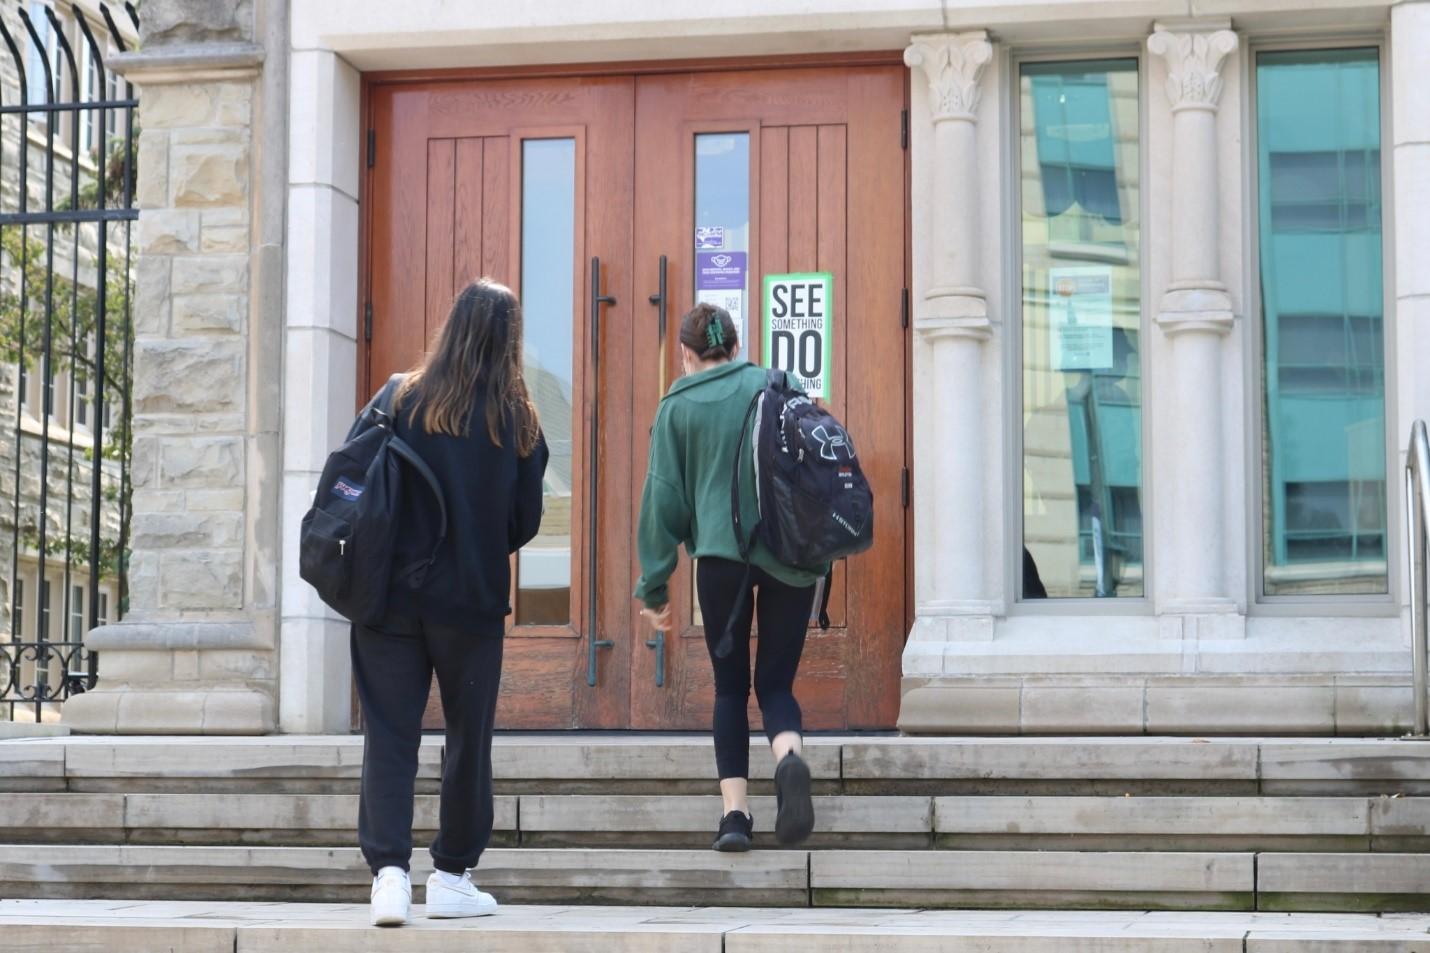 تجمع اعتراضی دانشجویان وسترن علیه آزار جنسی